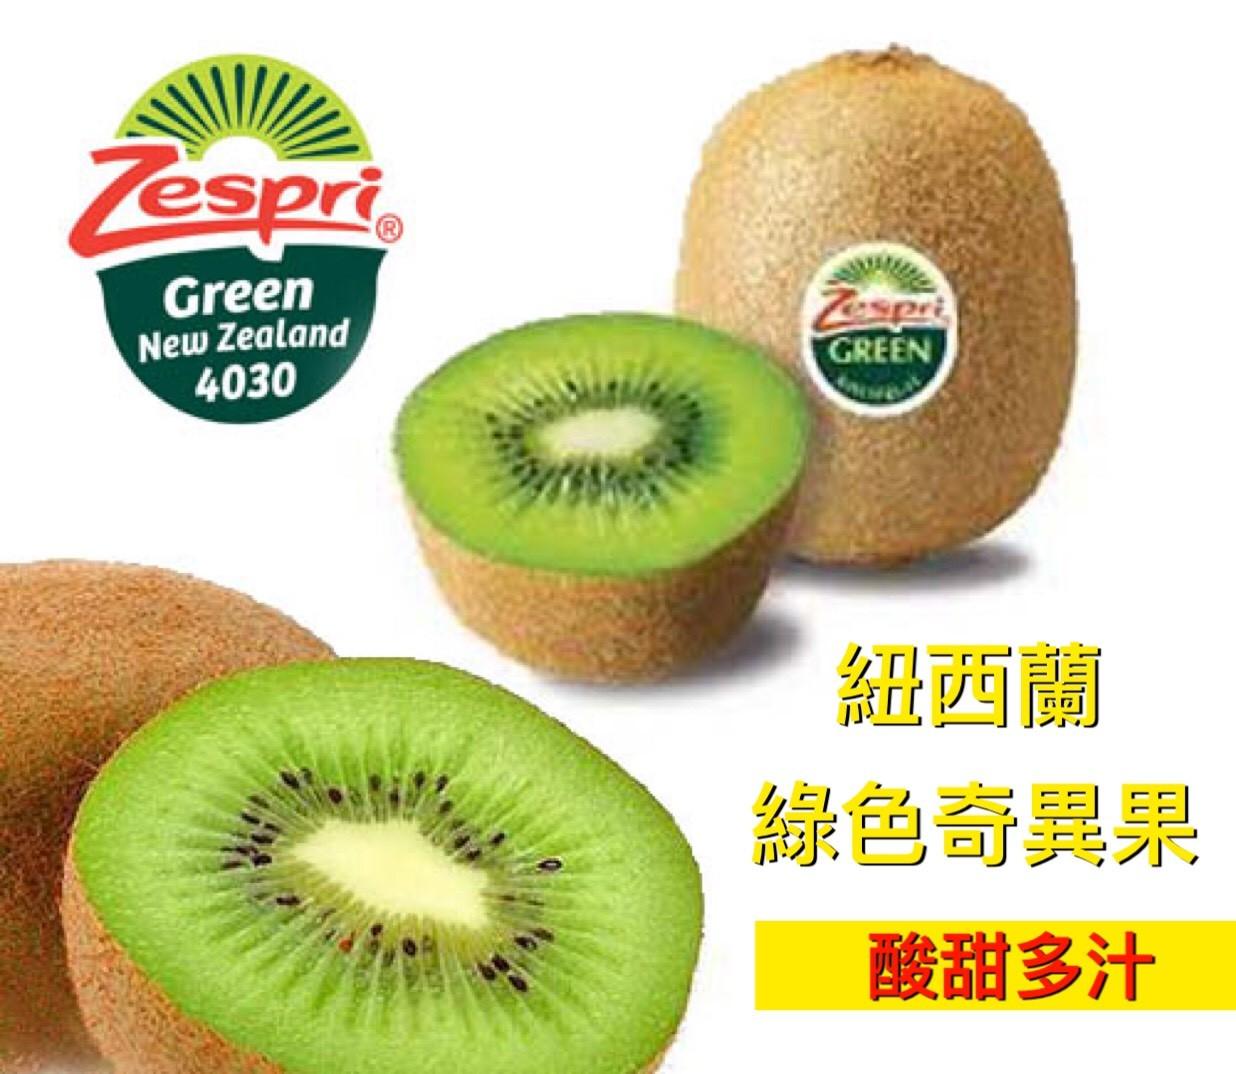 【立三】Zespri紐西蘭綠色奇異果(36顆/箱)